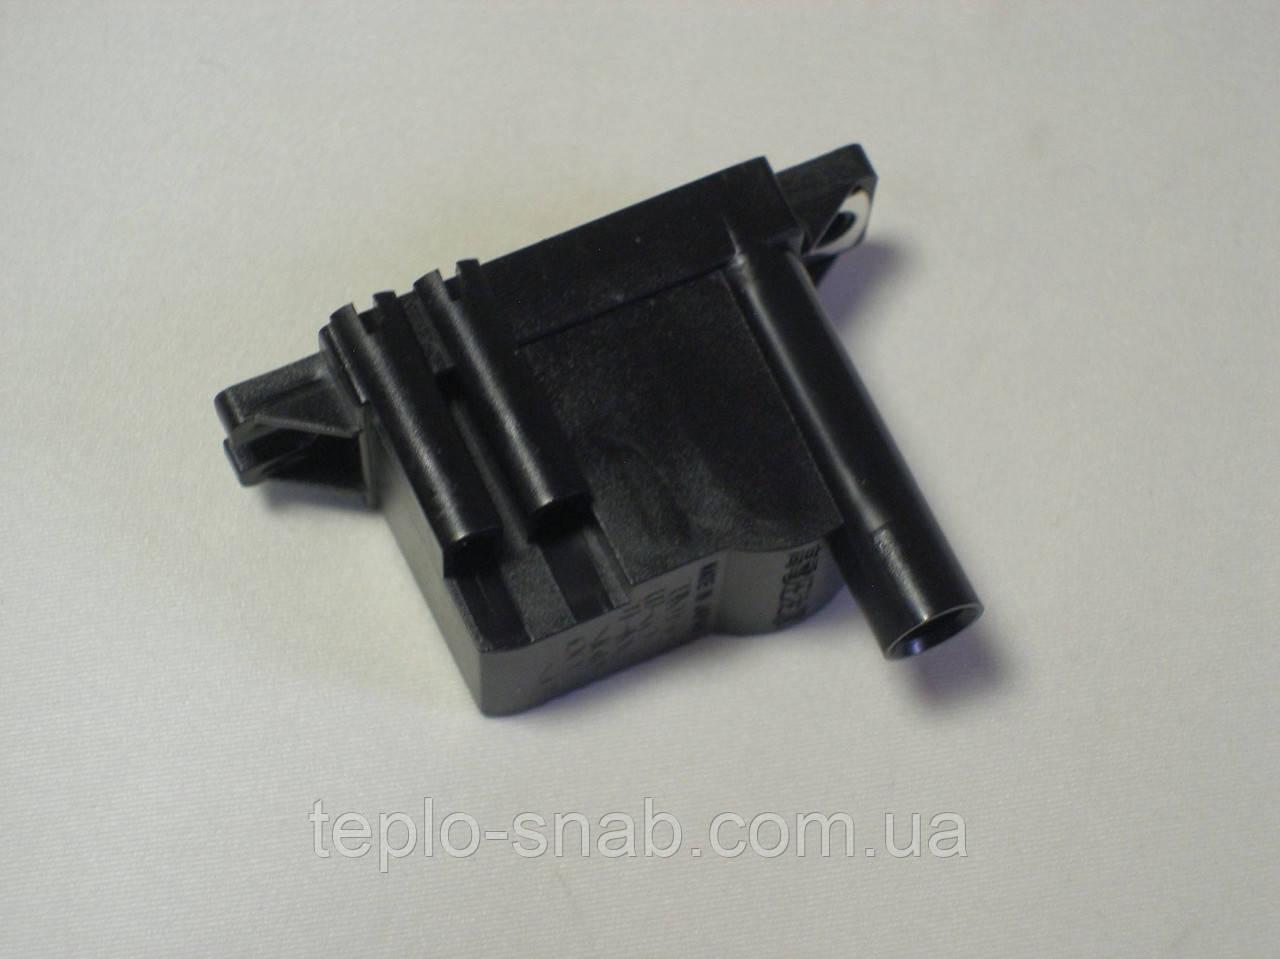 Трансформатор розпалу Ariston UNO - 995902